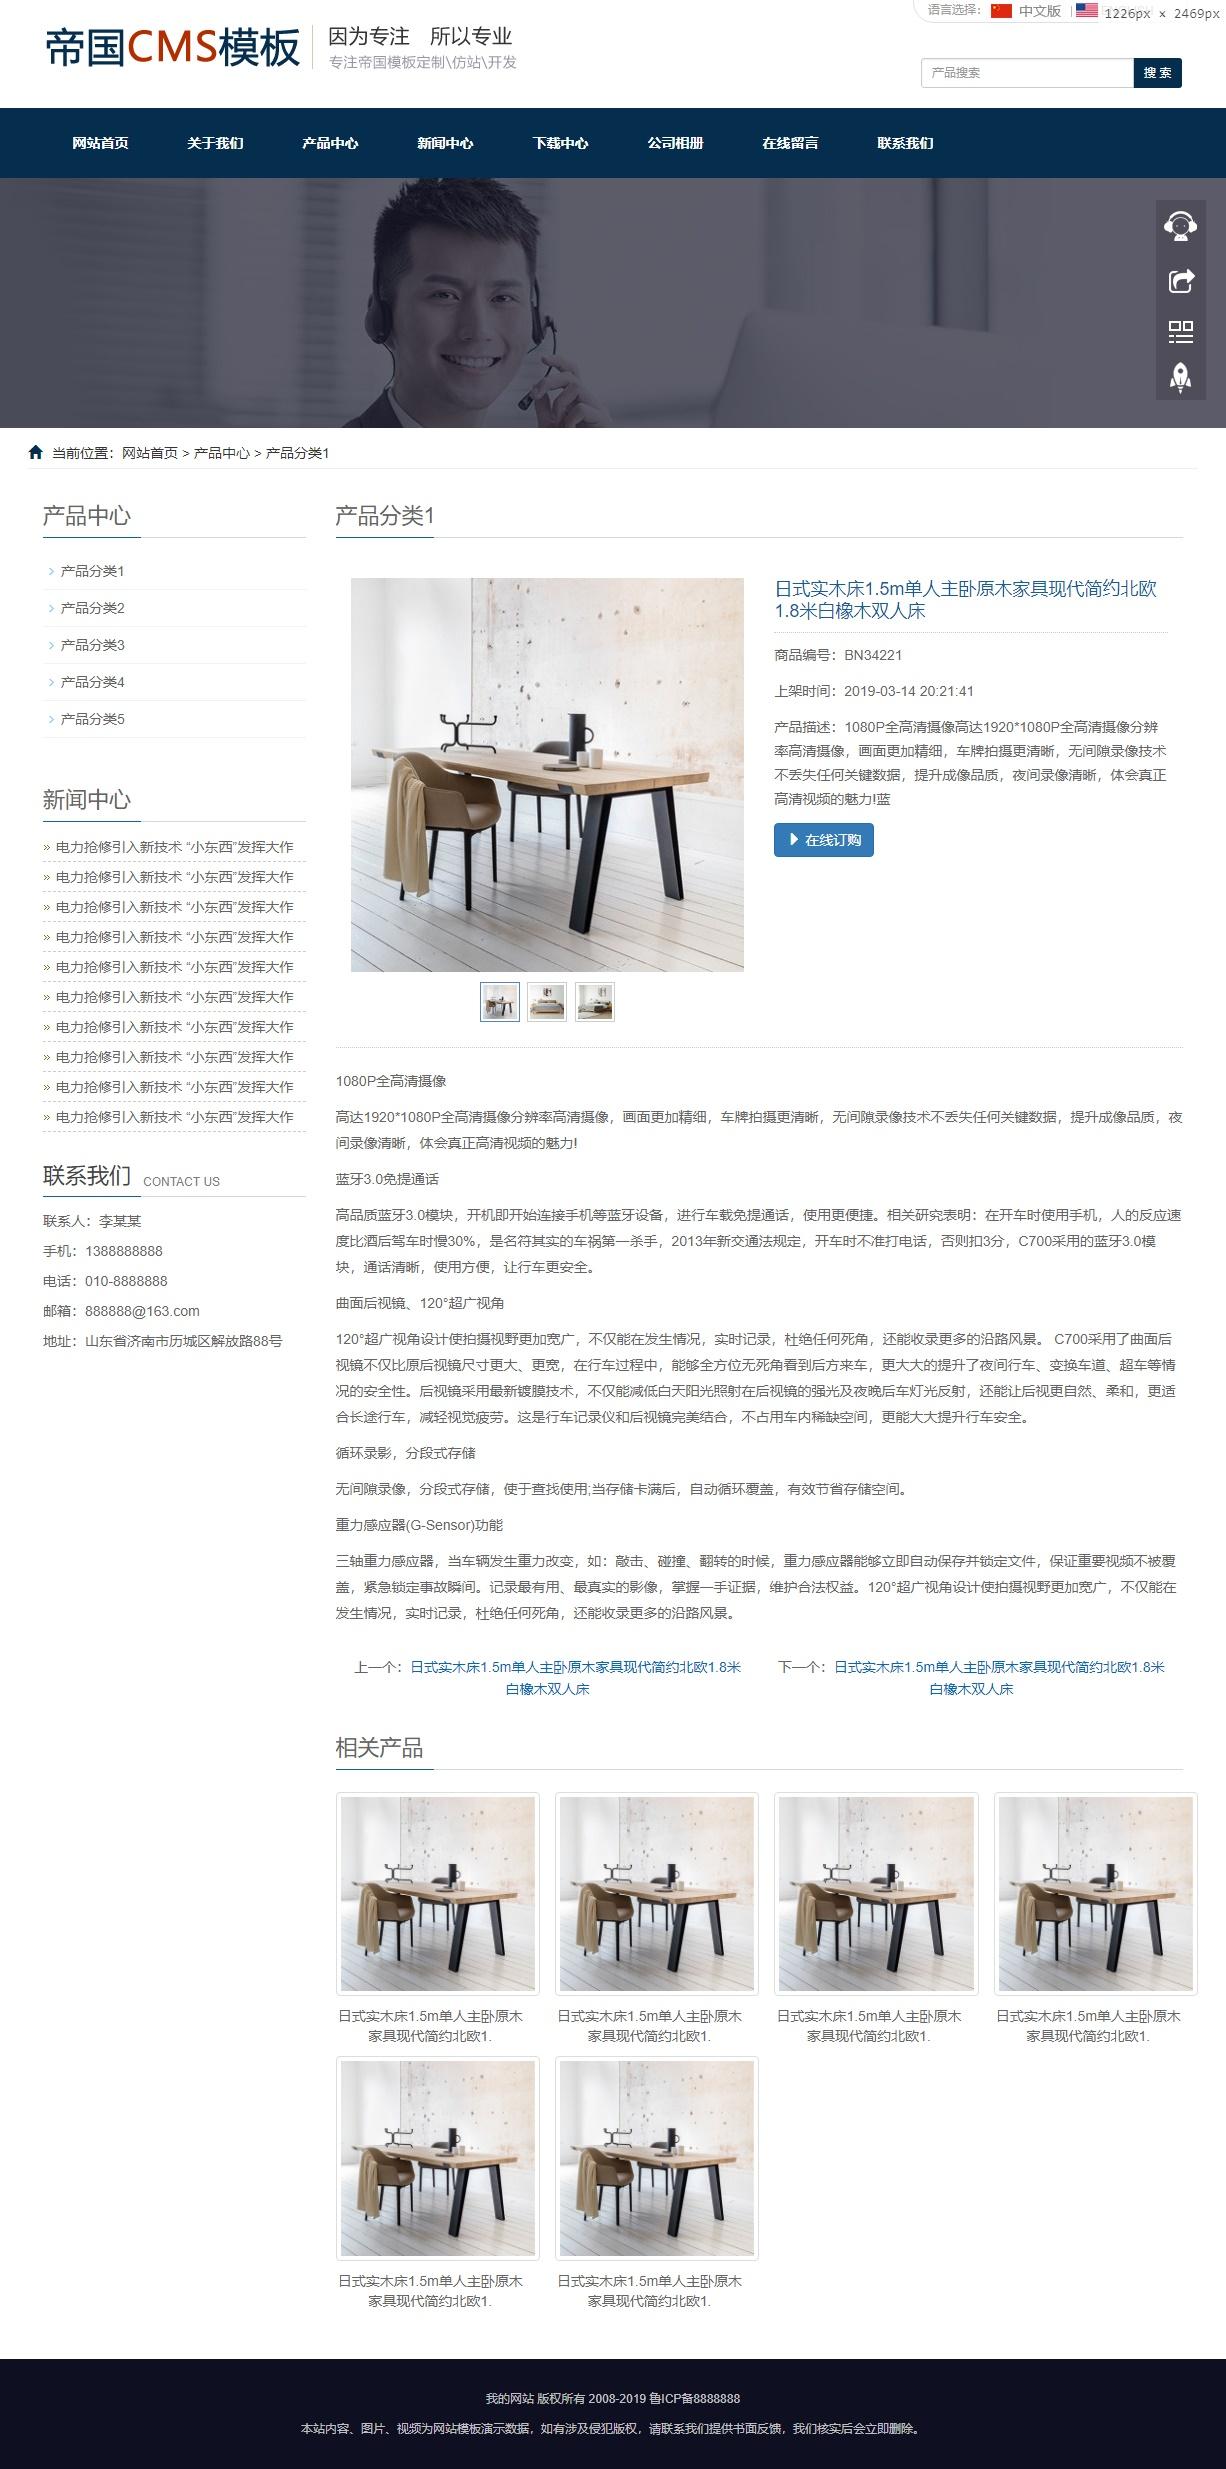 响应式自适应手机帝国cms中英文外贸企业网站模板_产品内容页